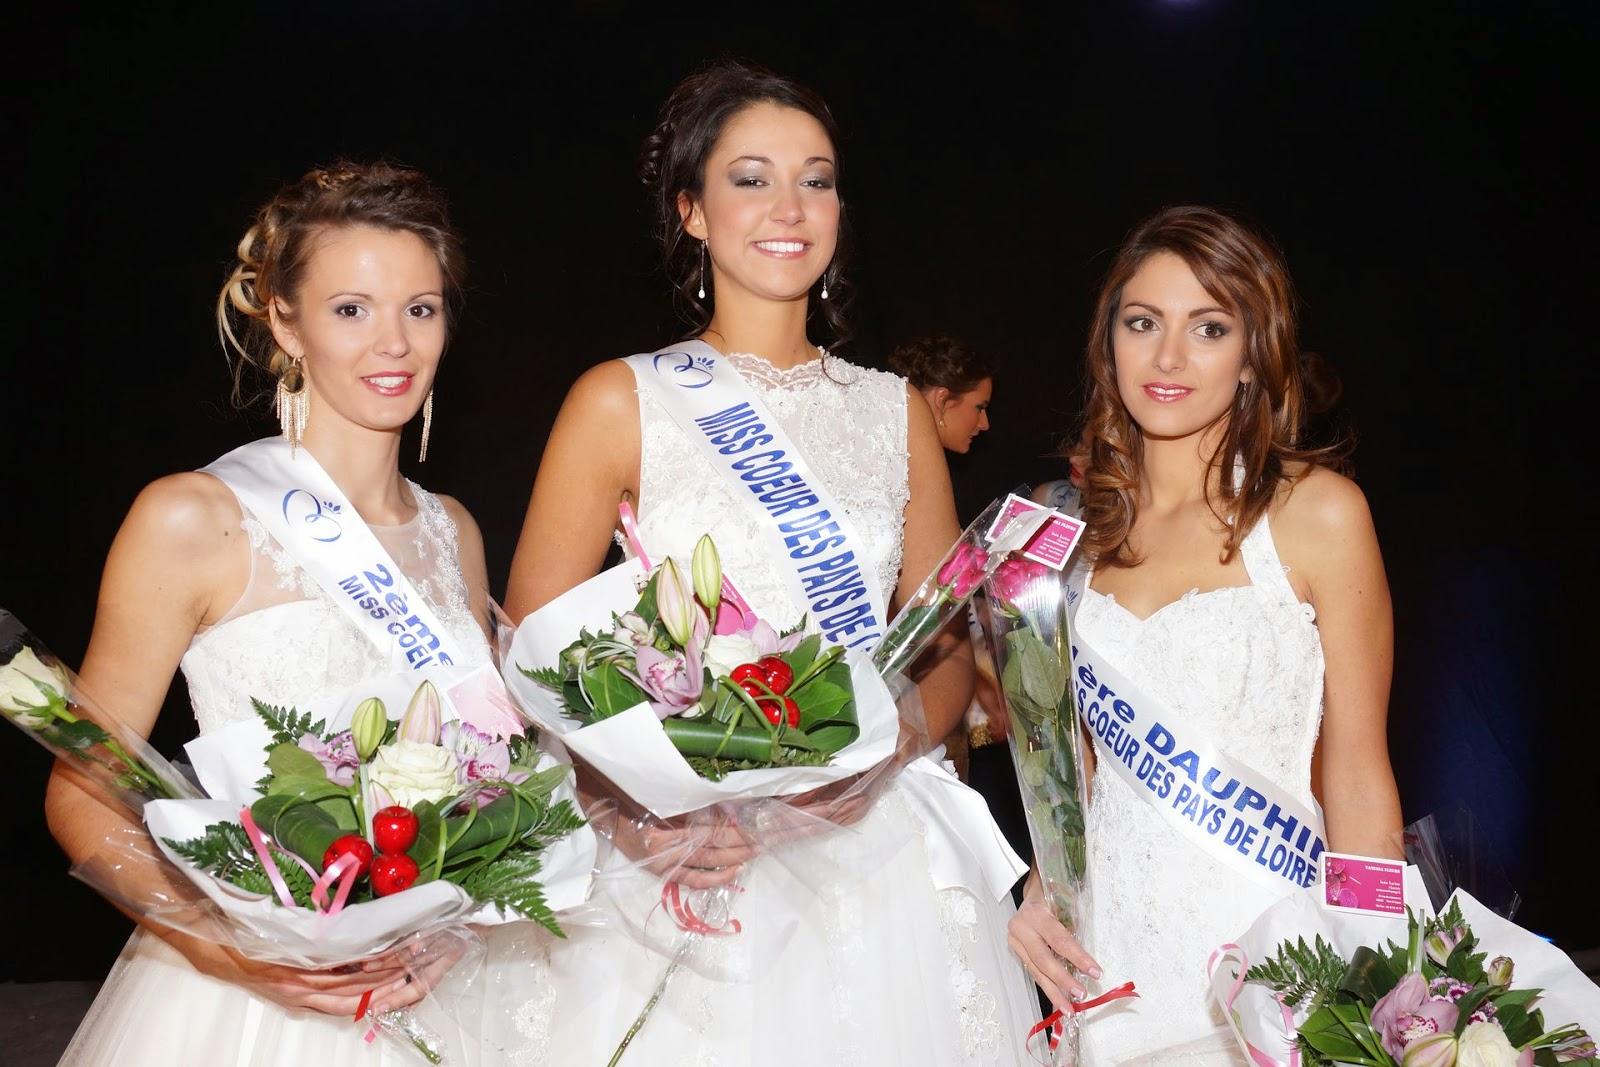 miss xs 2013 bretagne